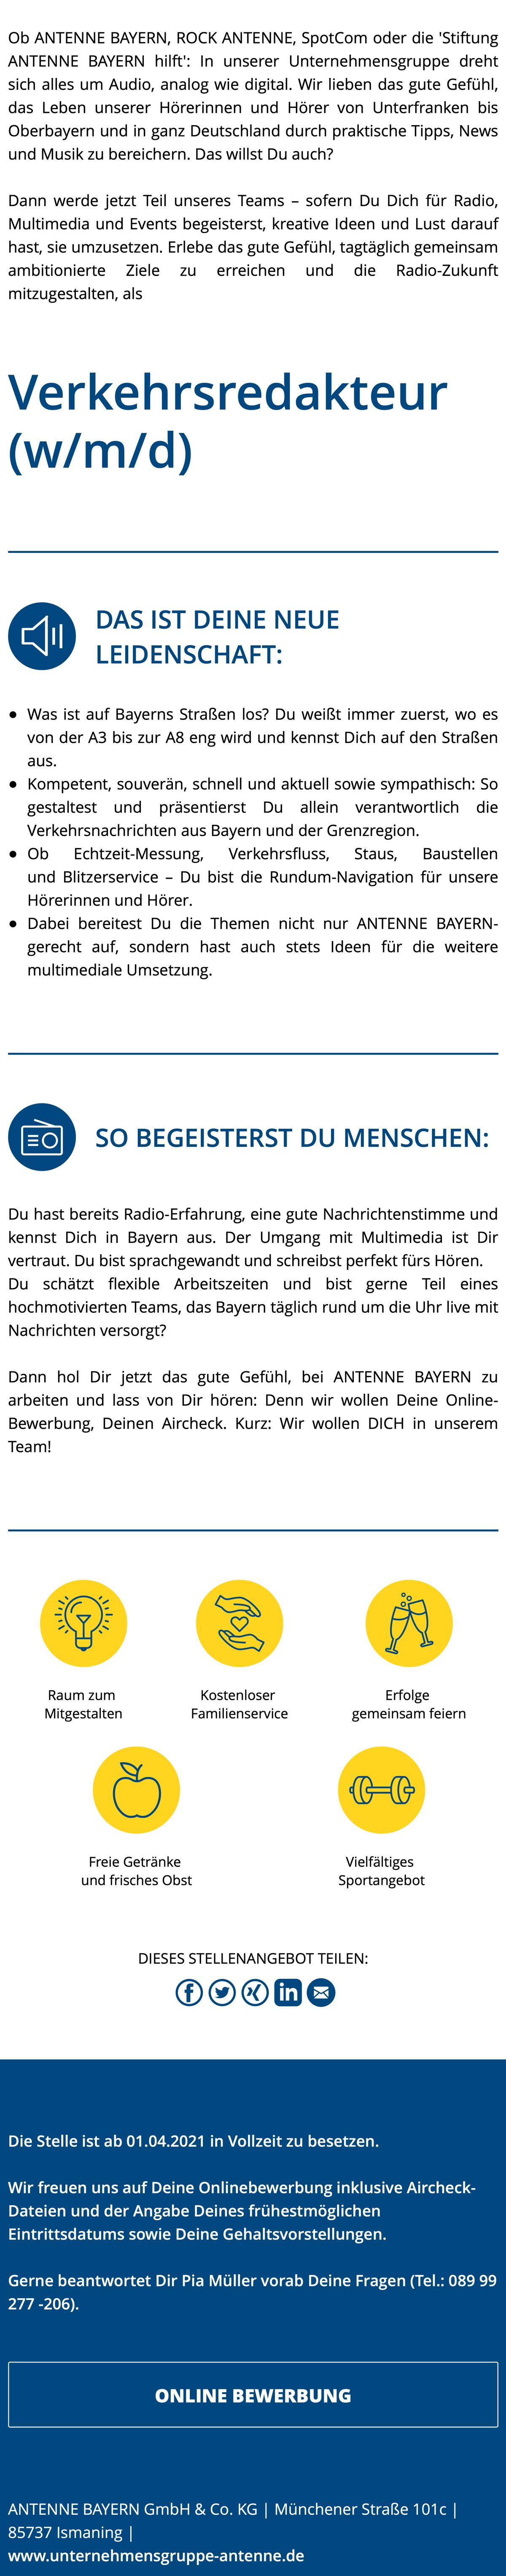 ANTENNE BAYERN sucht Verkehrsredakteur (w/m/d)